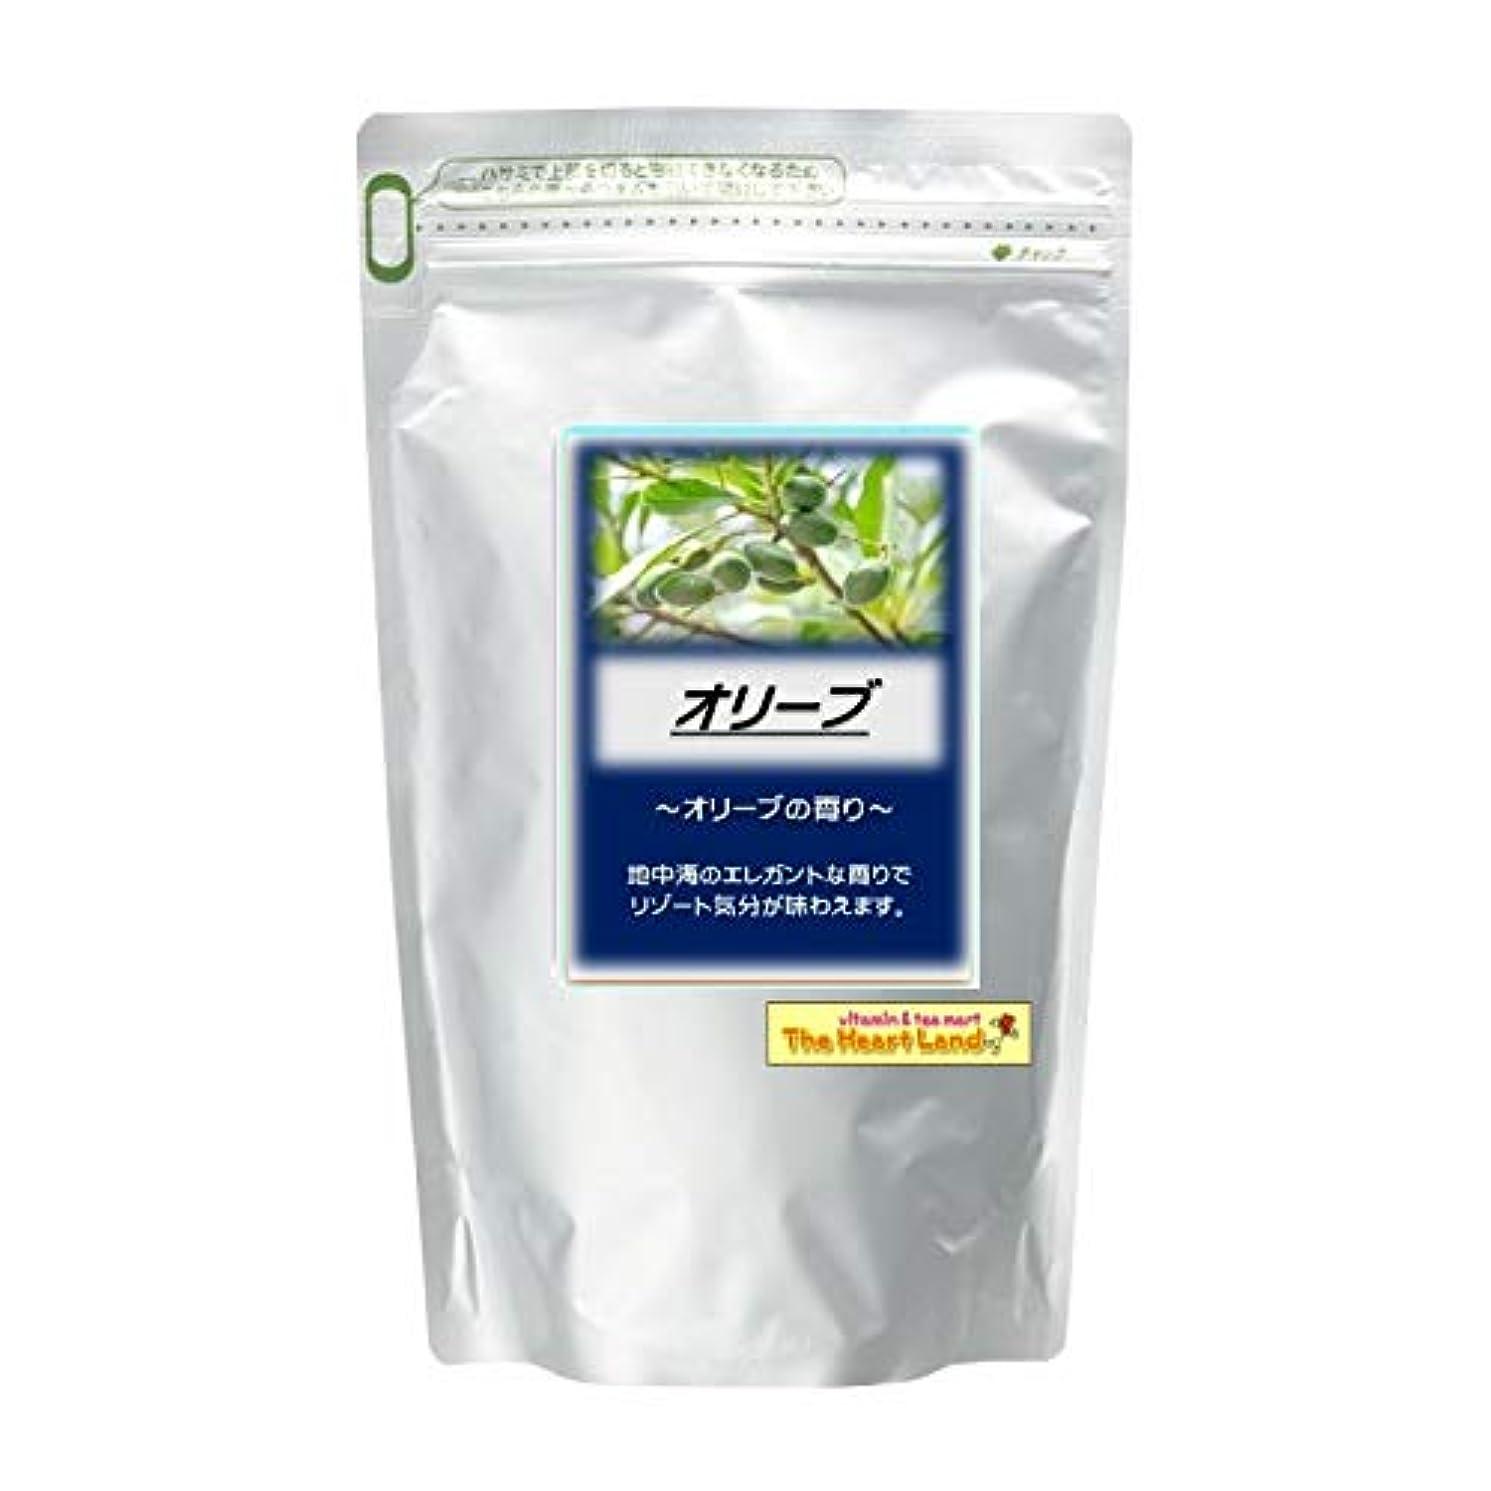 シェーバー気まぐれなトロイの木馬アサヒ入浴剤 浴用入浴化粧品 オリーブ 2.5kg